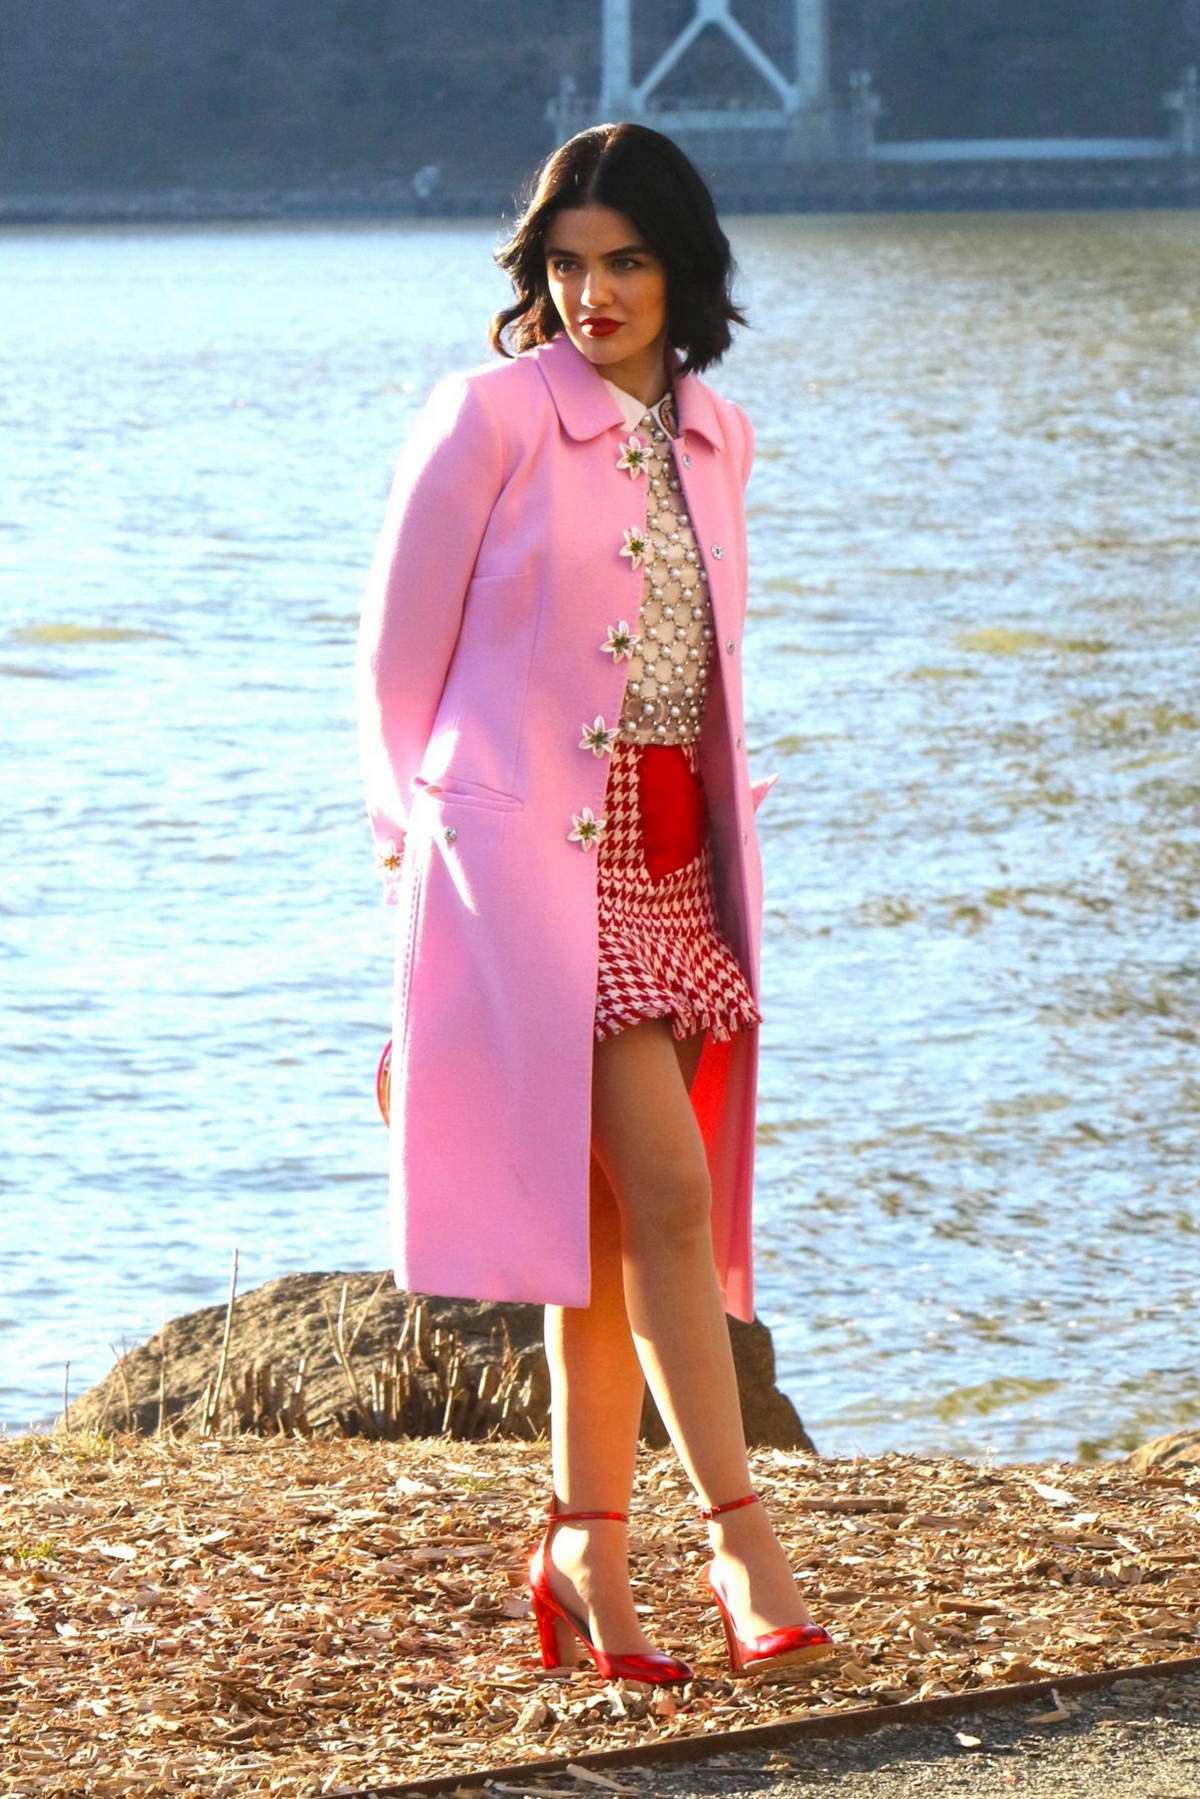 Lucy Hale seen filming a riverside scene on the 'Katy Keene' set in New York